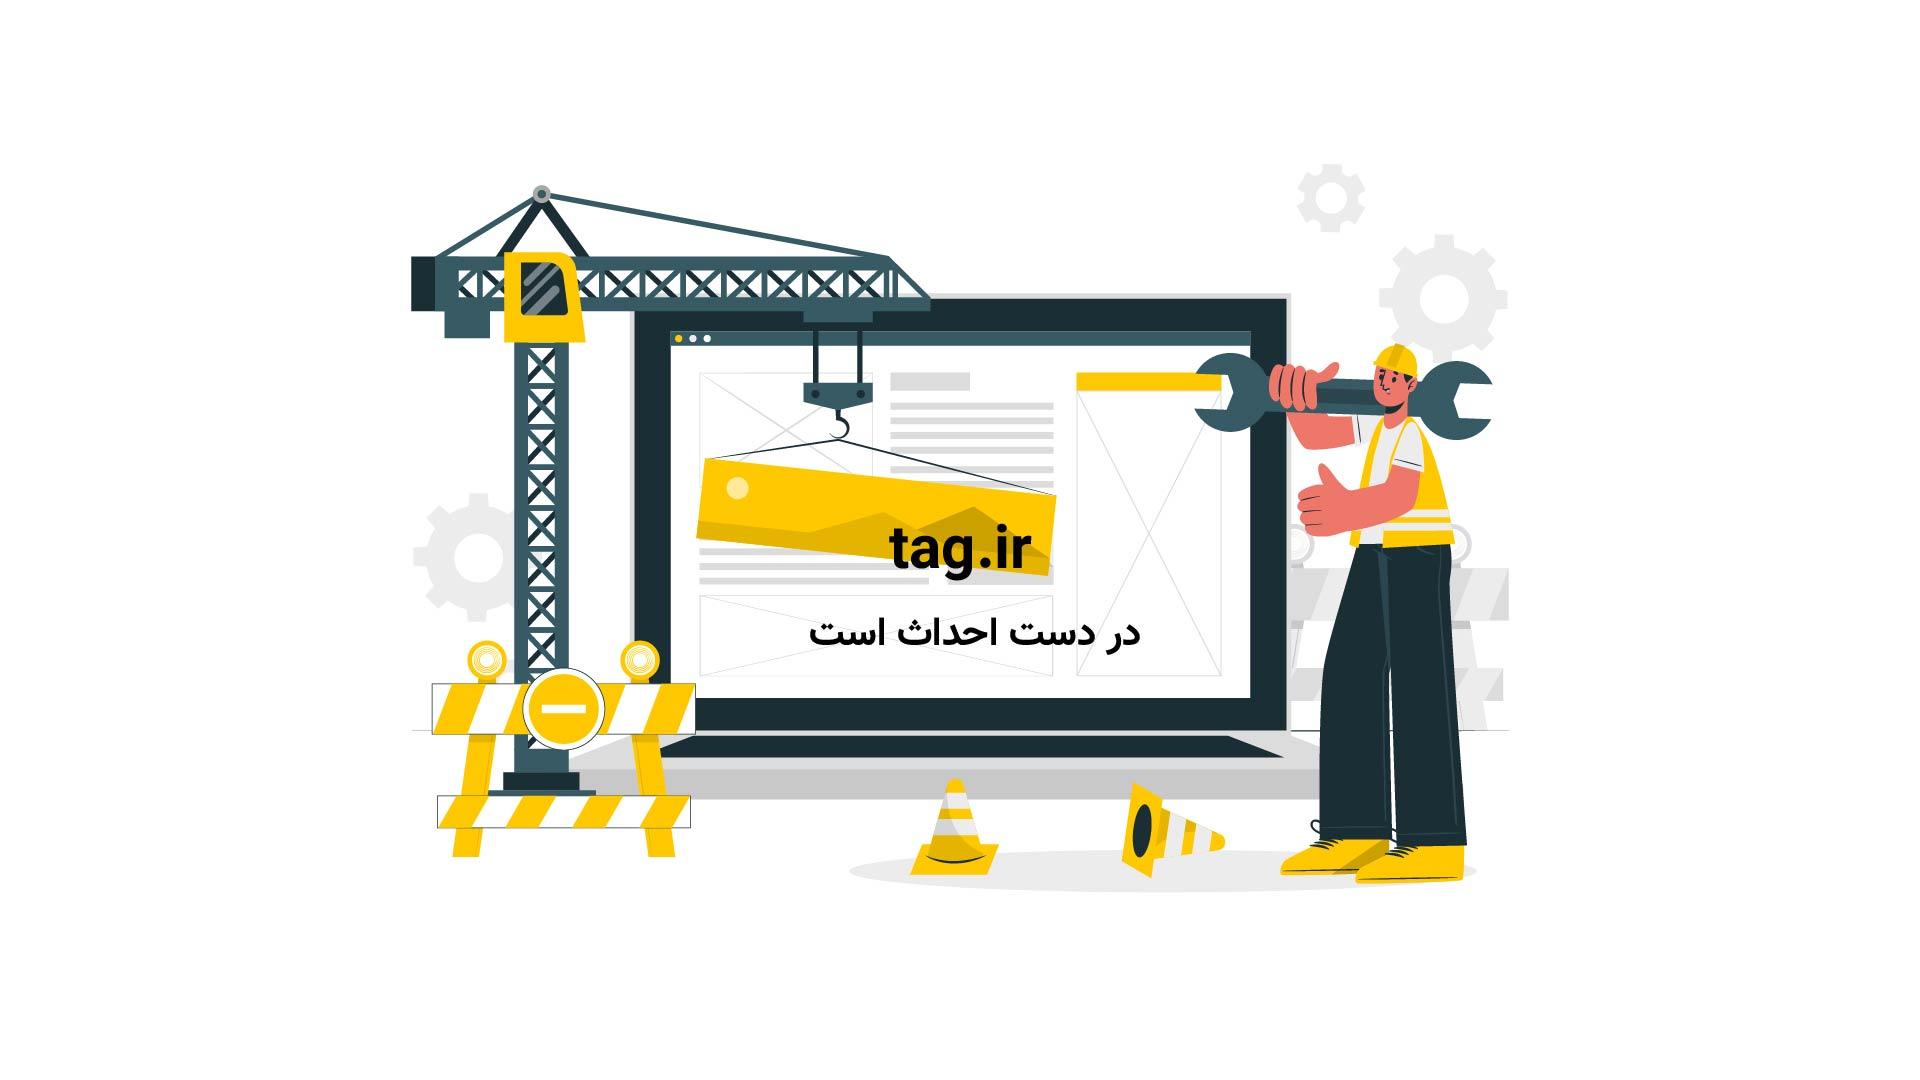 نجات کودک توسط آتش نشان قهرمان از یک برج در آتش | فیلم